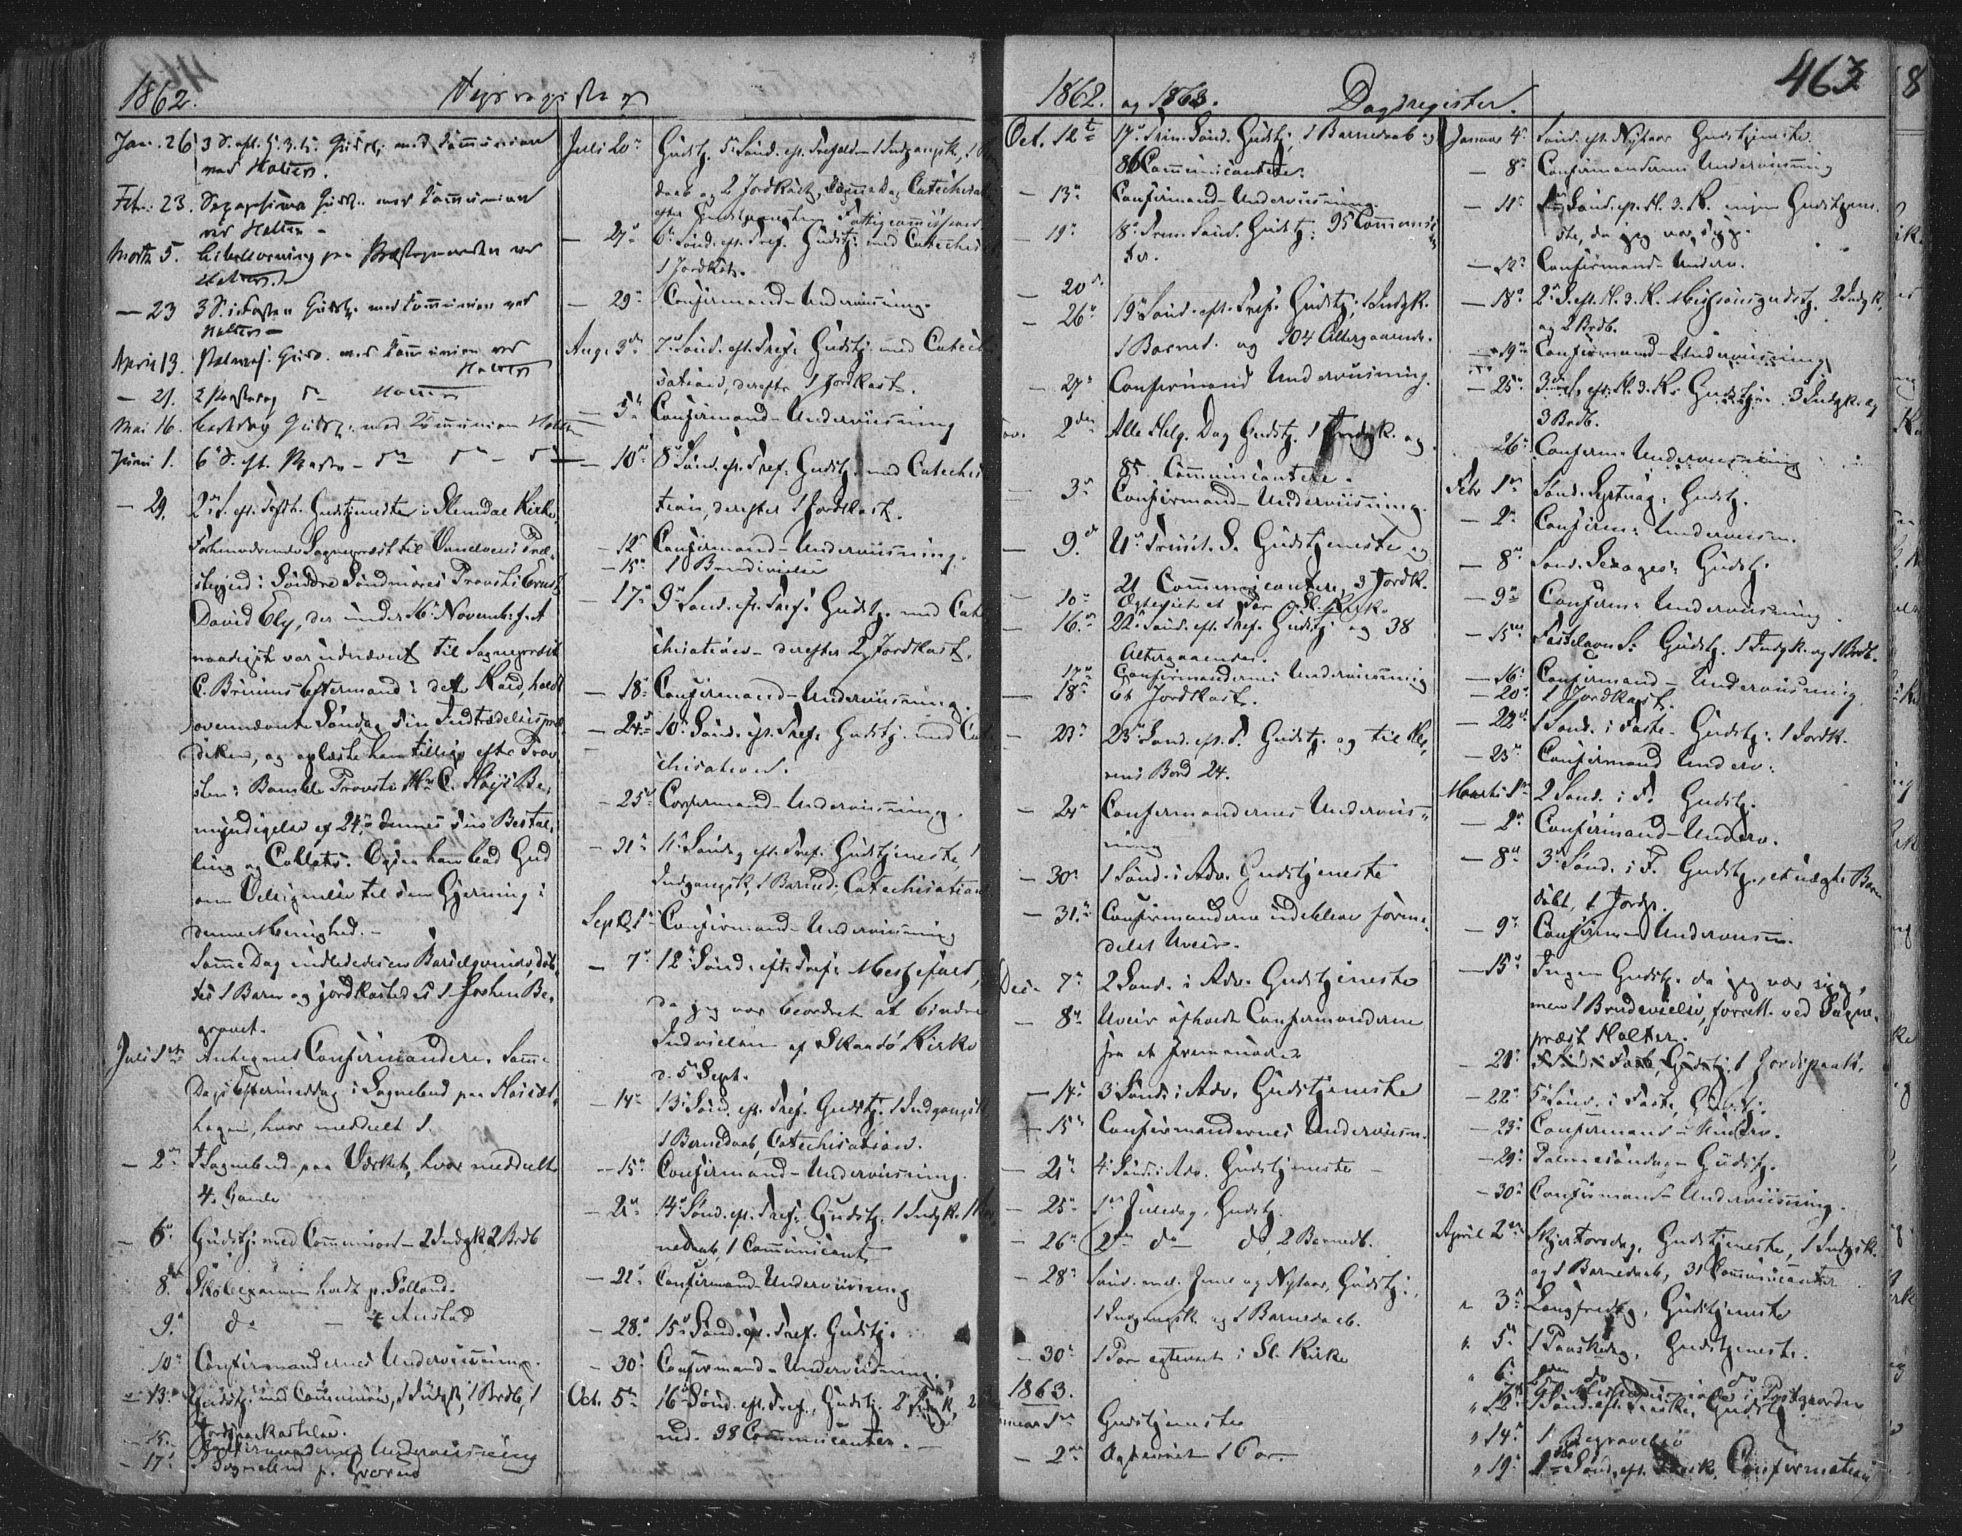 SAKO, Siljan kirkebøker, F/Fa/L0001: Ministerialbok nr. 1, 1831-1870, s. 463